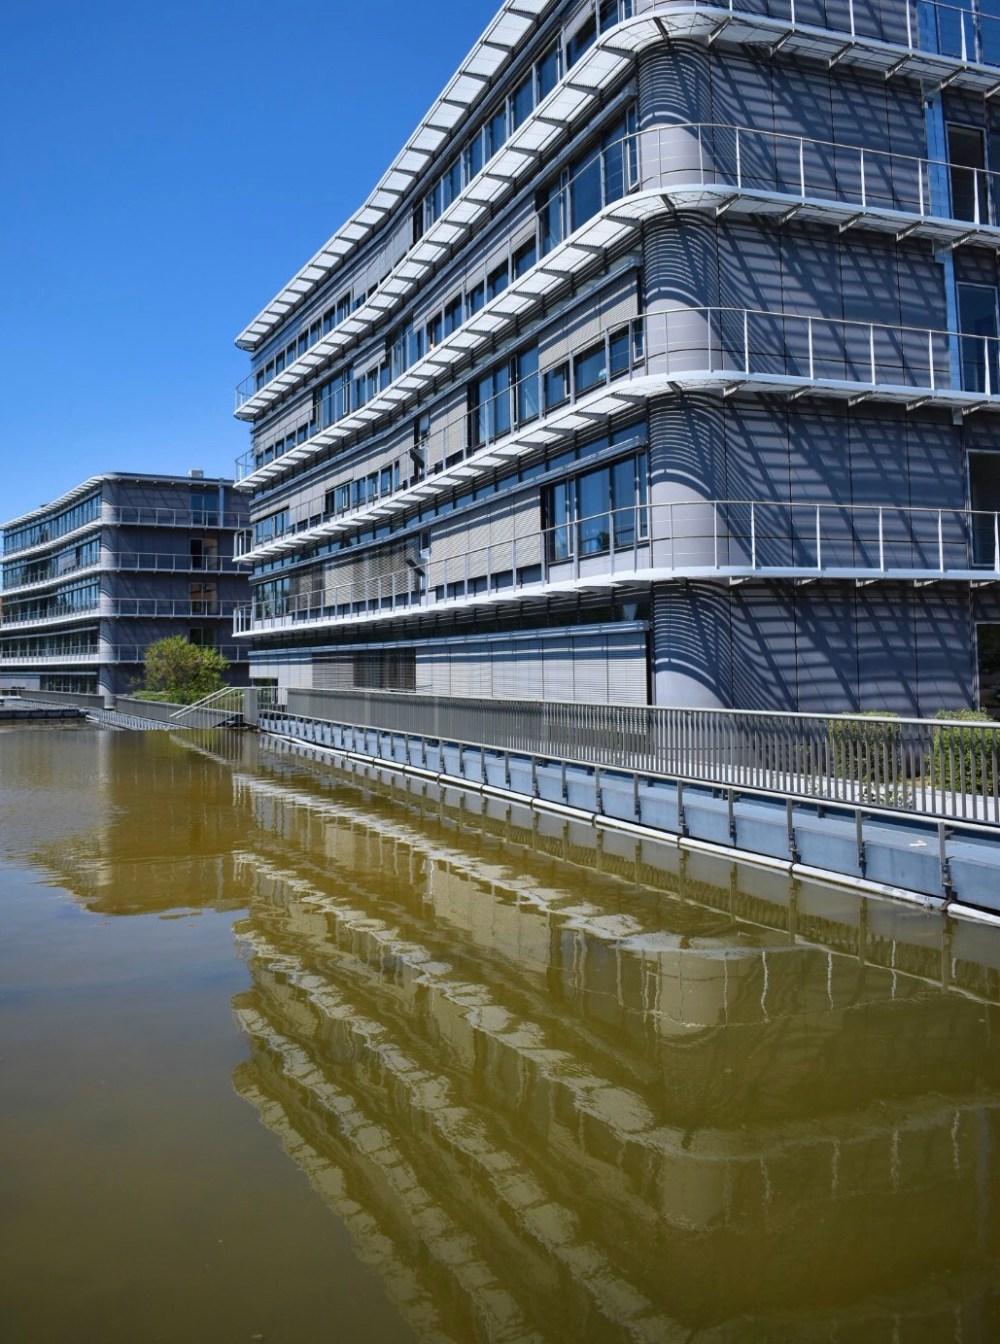 Bürogebäude spiegelt sich im Wasser